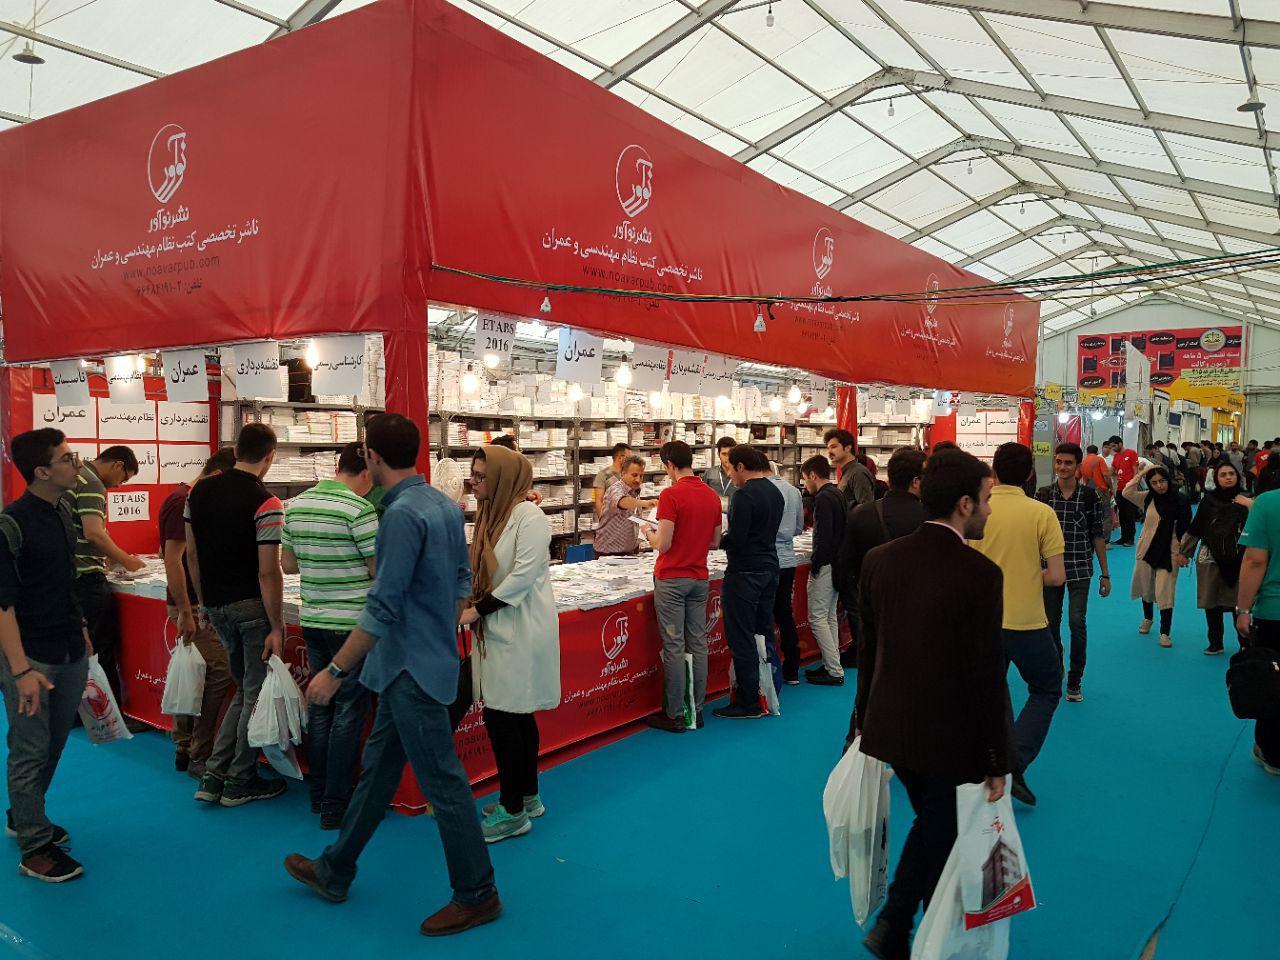 حضور انتشارات نوآور در سی امین نمایشگاه بین المللی کتاب تهران – شهر آفتاب